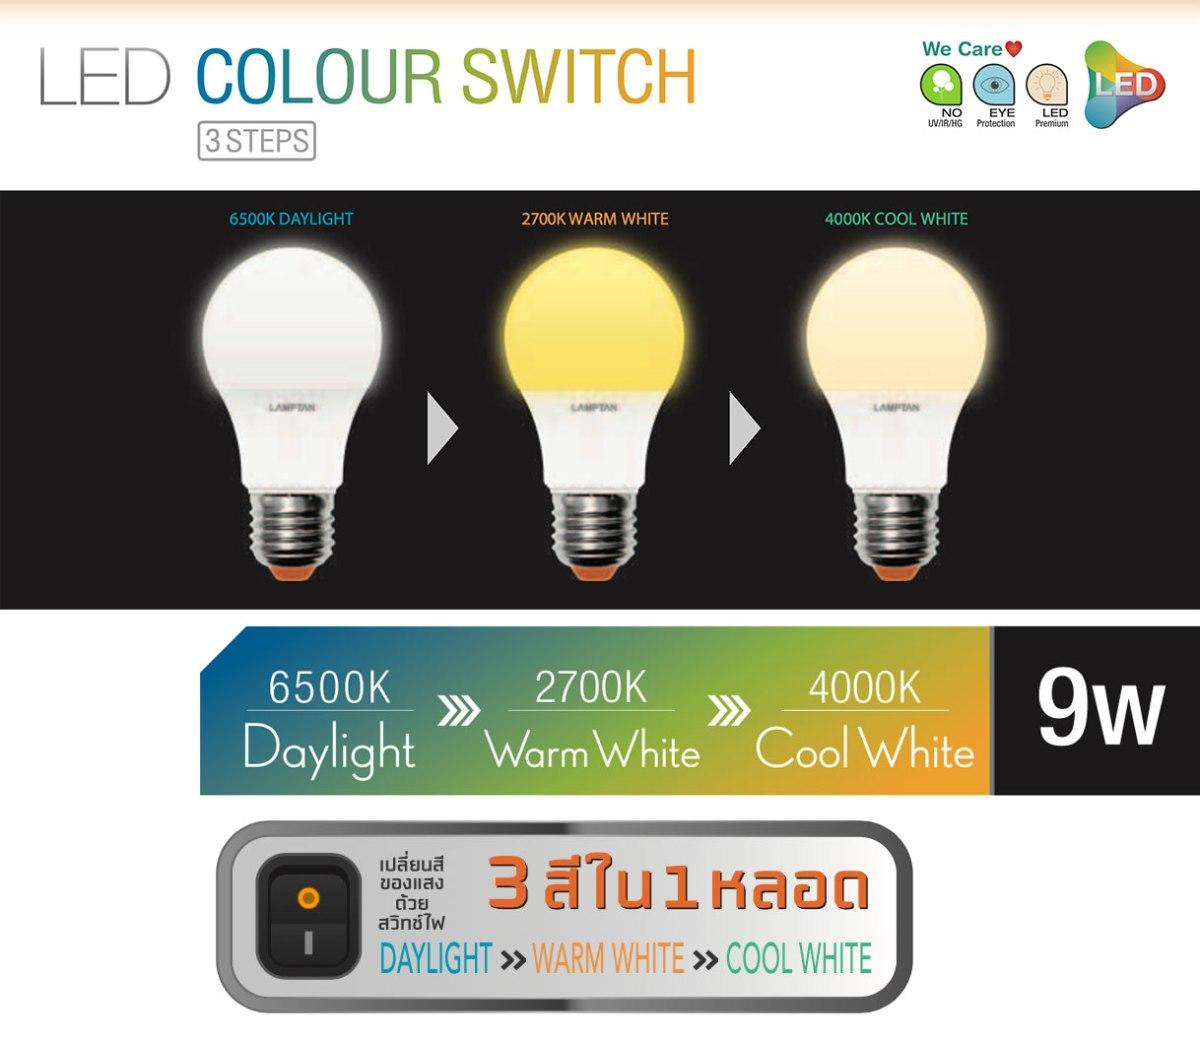 ทดสอบ 6 หลอดไฟอัจฉริยะของ LAMPTAN ว่าจะดีเหมือนในโฆษณาพี่เผือกรึเปล่า? 17 - Highlight